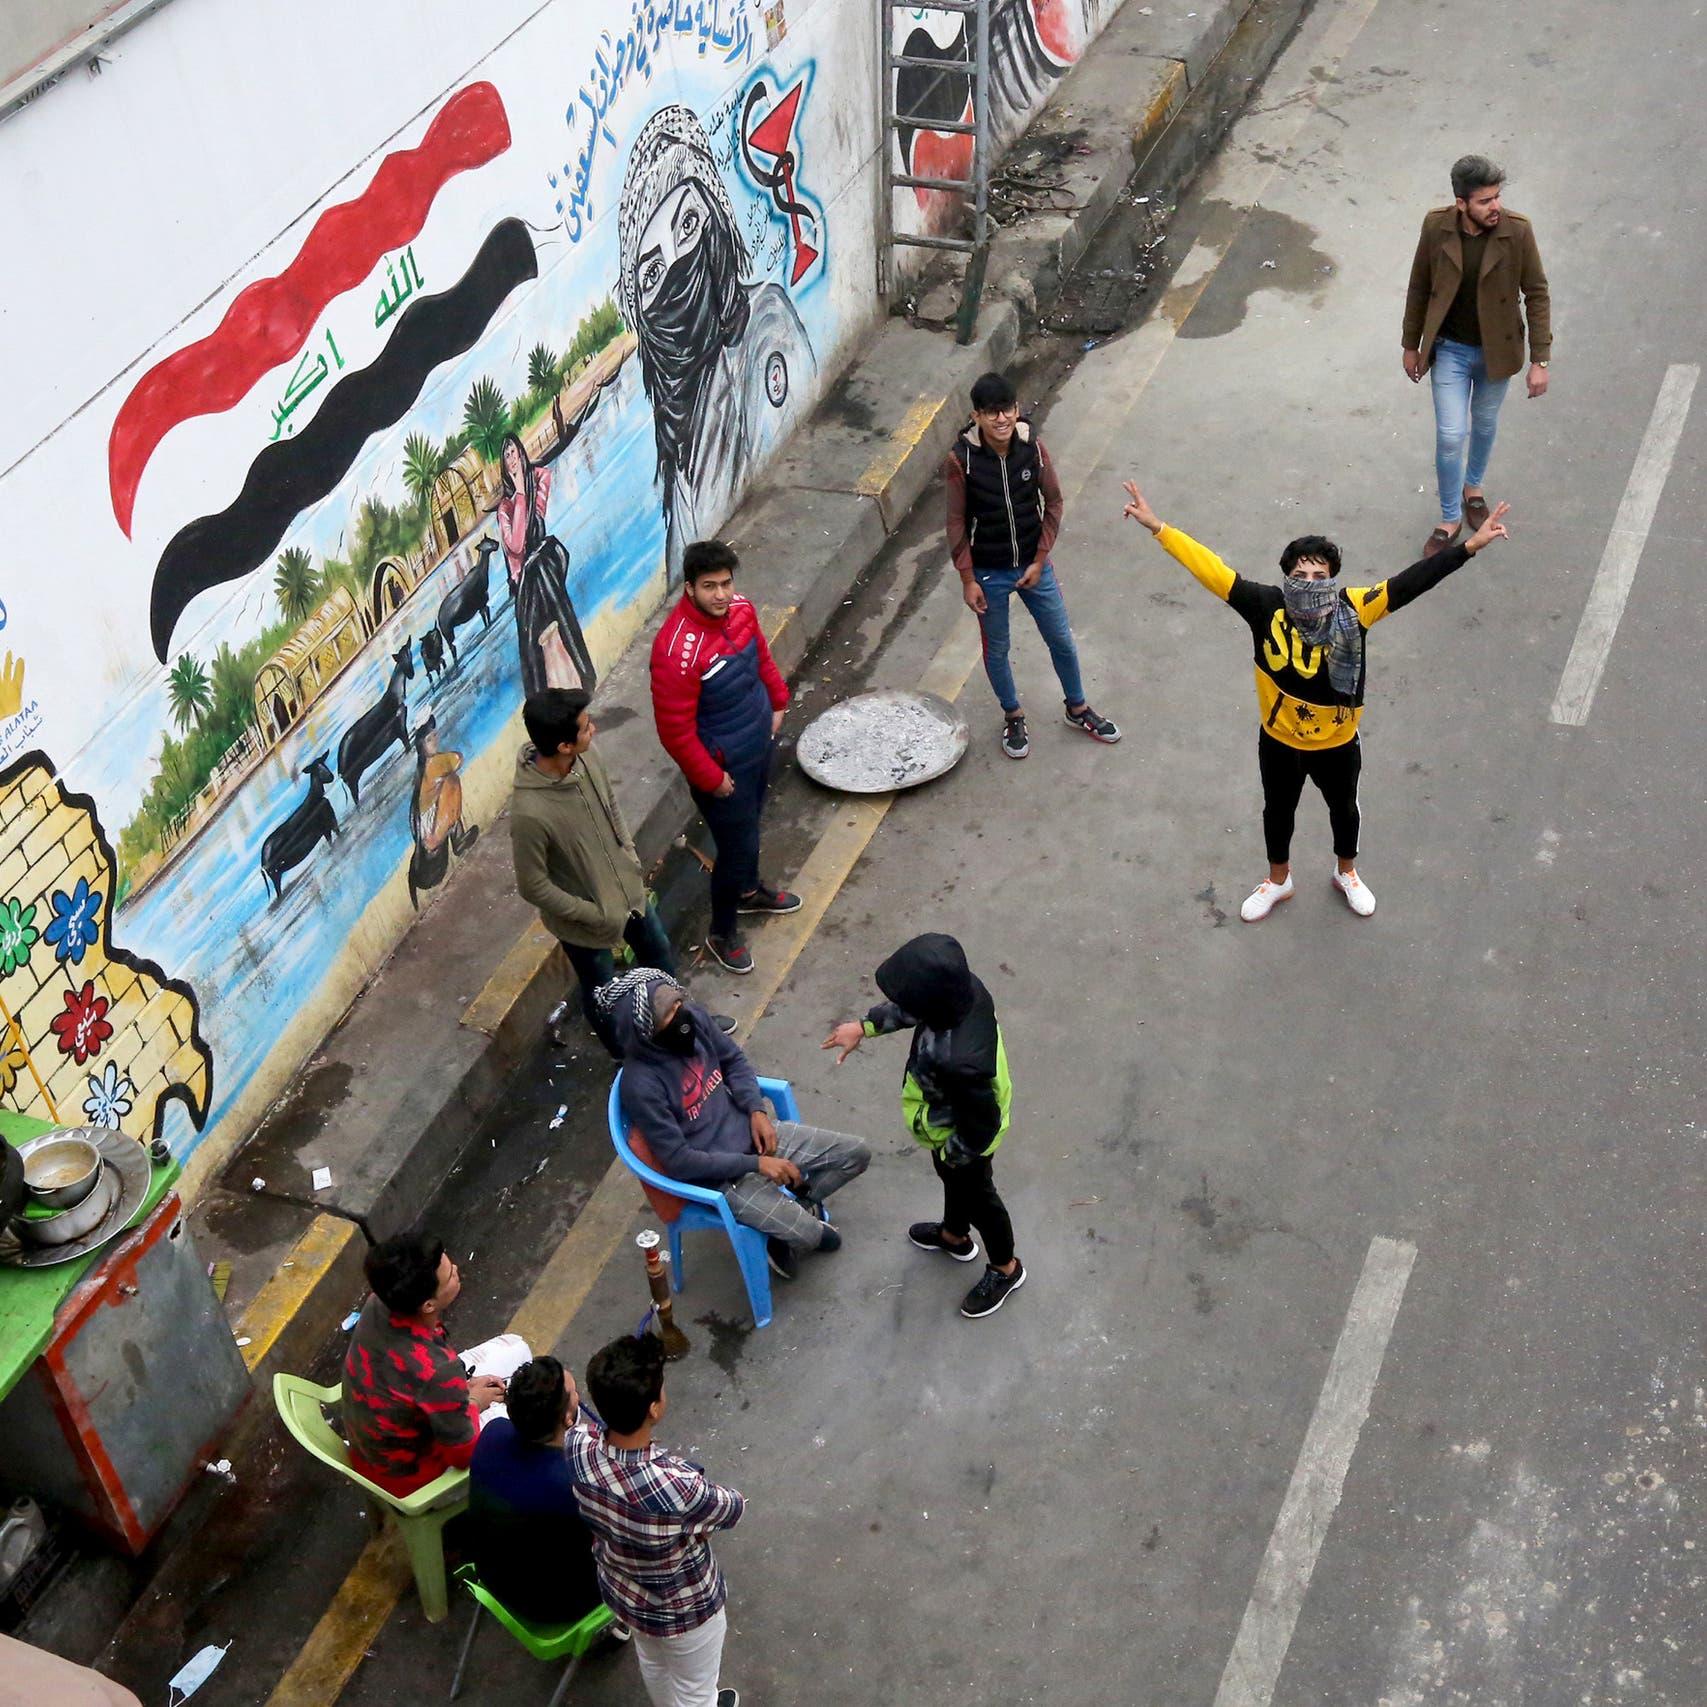 العراق.. اكتمال التحقيقات بأحداث العنف الأخيرة باستثناء ذي قار